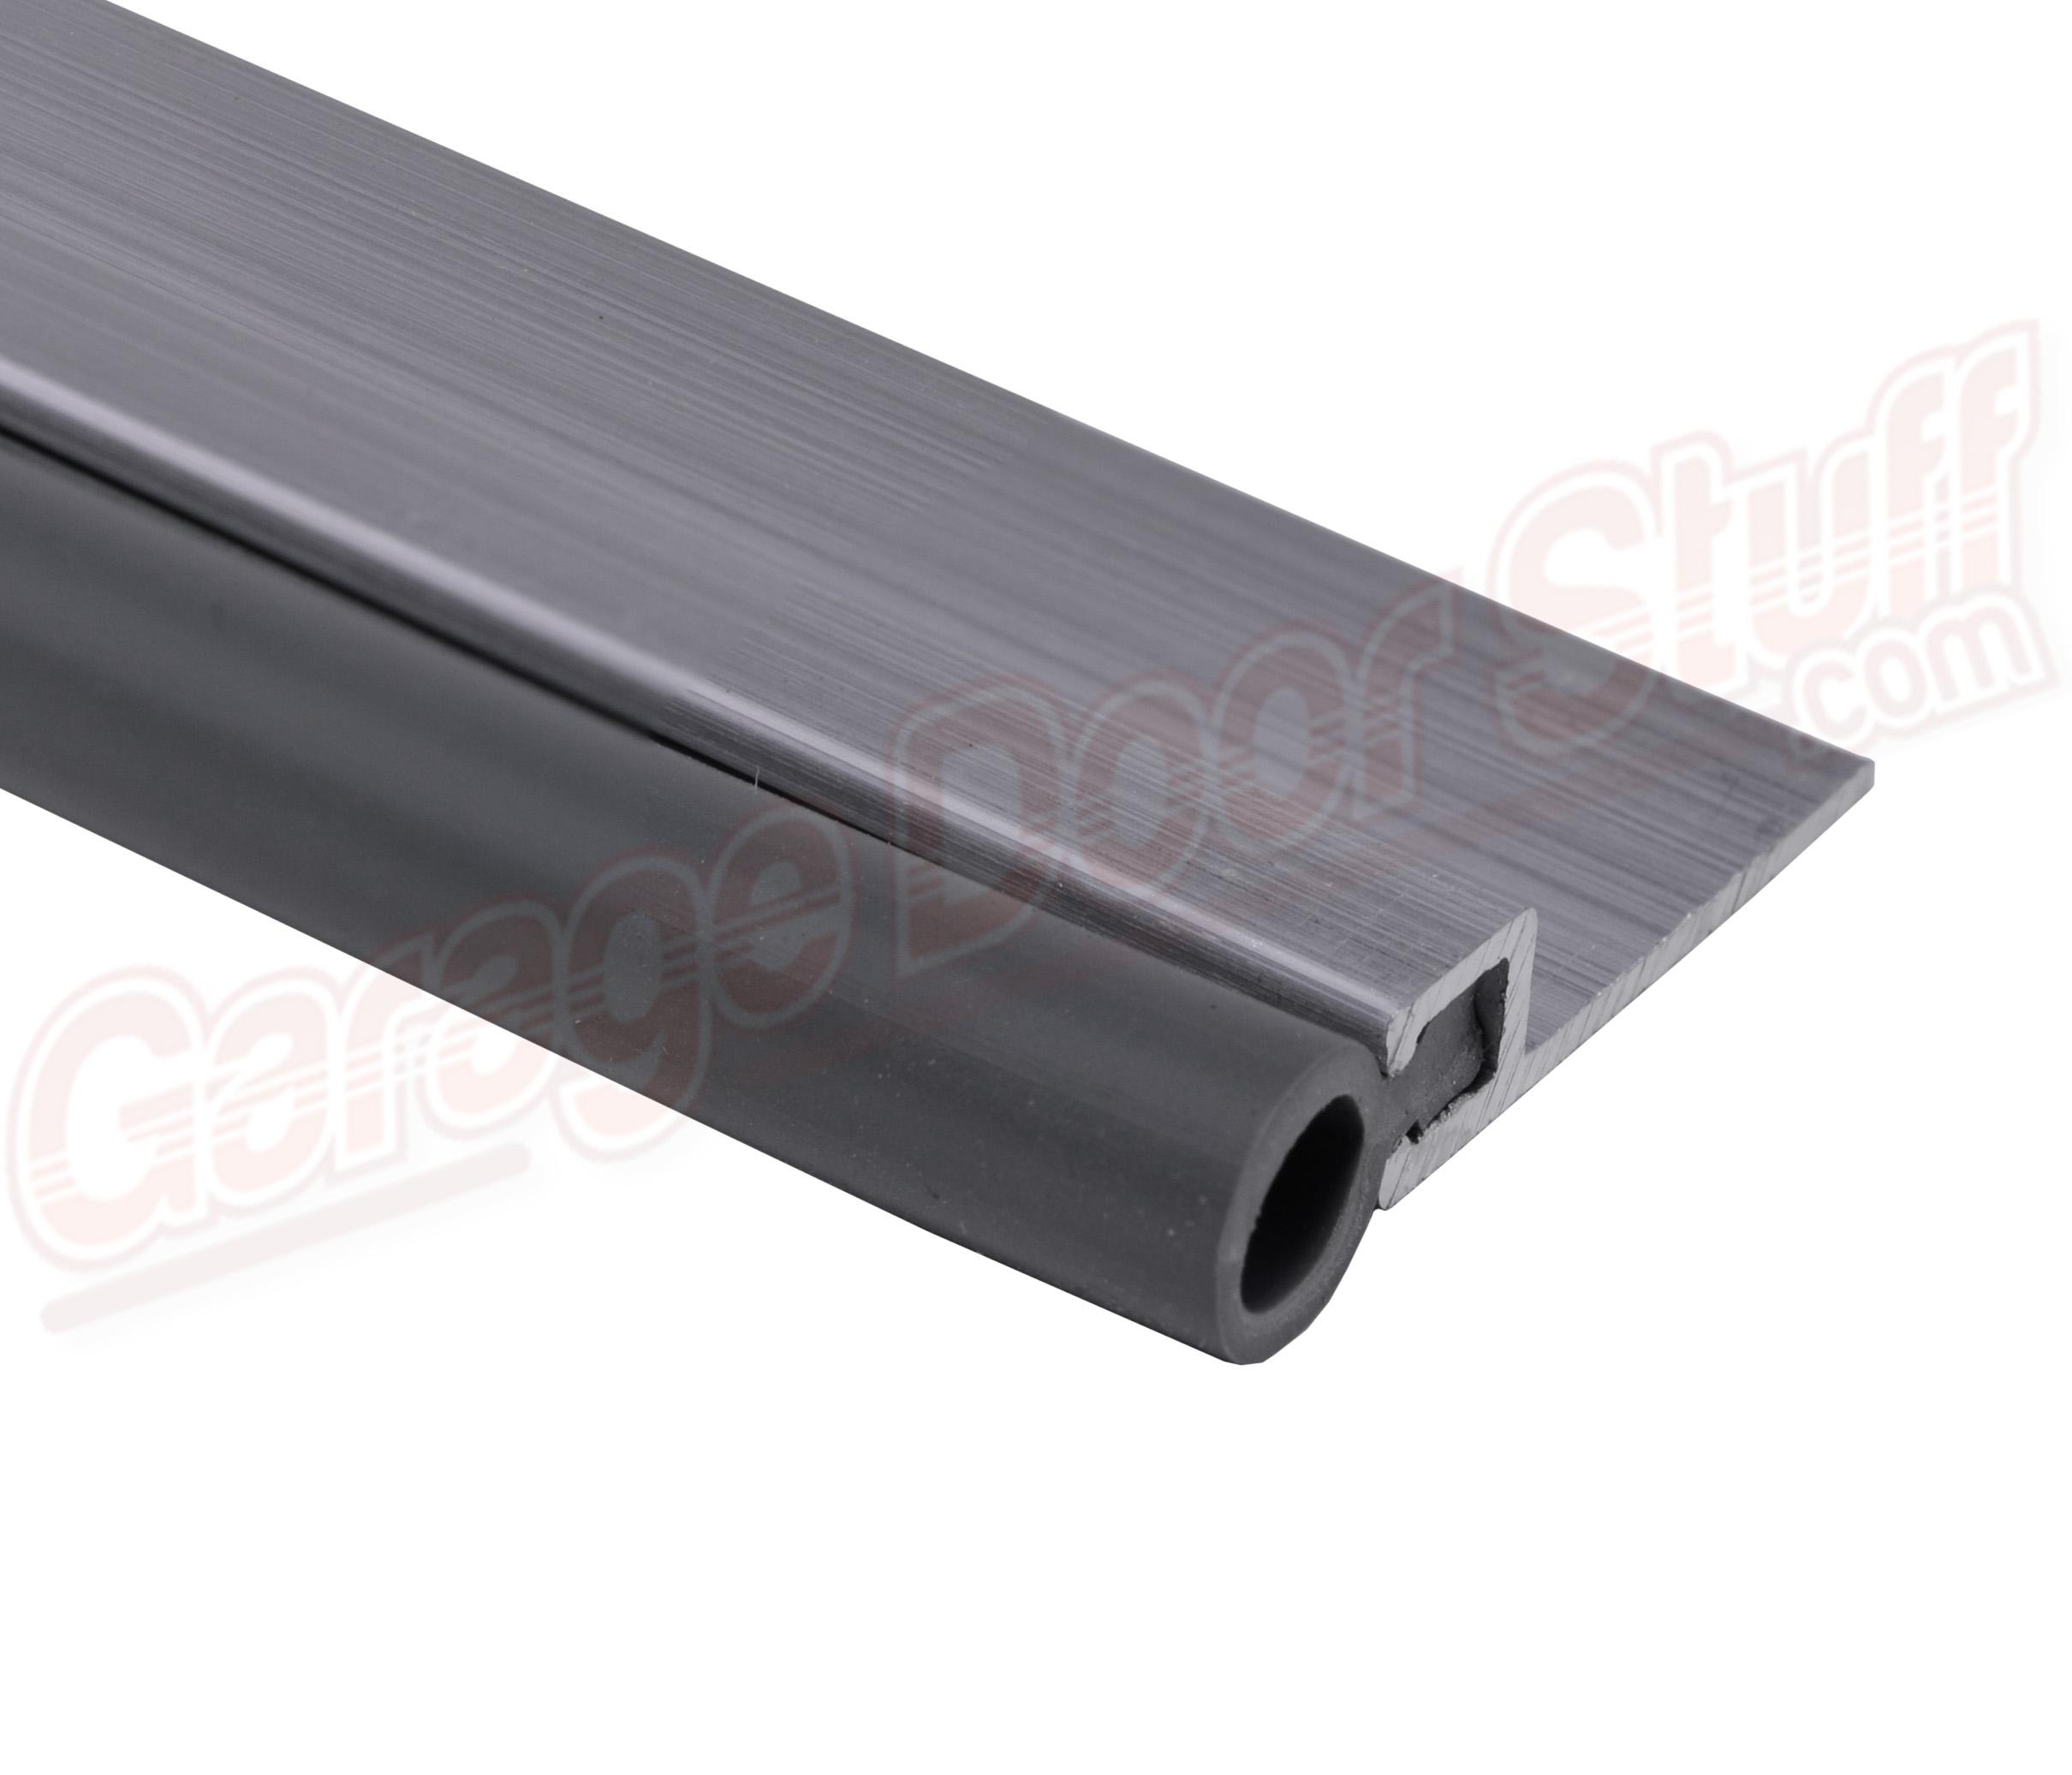 Exterior Door Seals And Gaskets Exterior Door Seals And Gaskets 5 Metres Of Additional Rubber